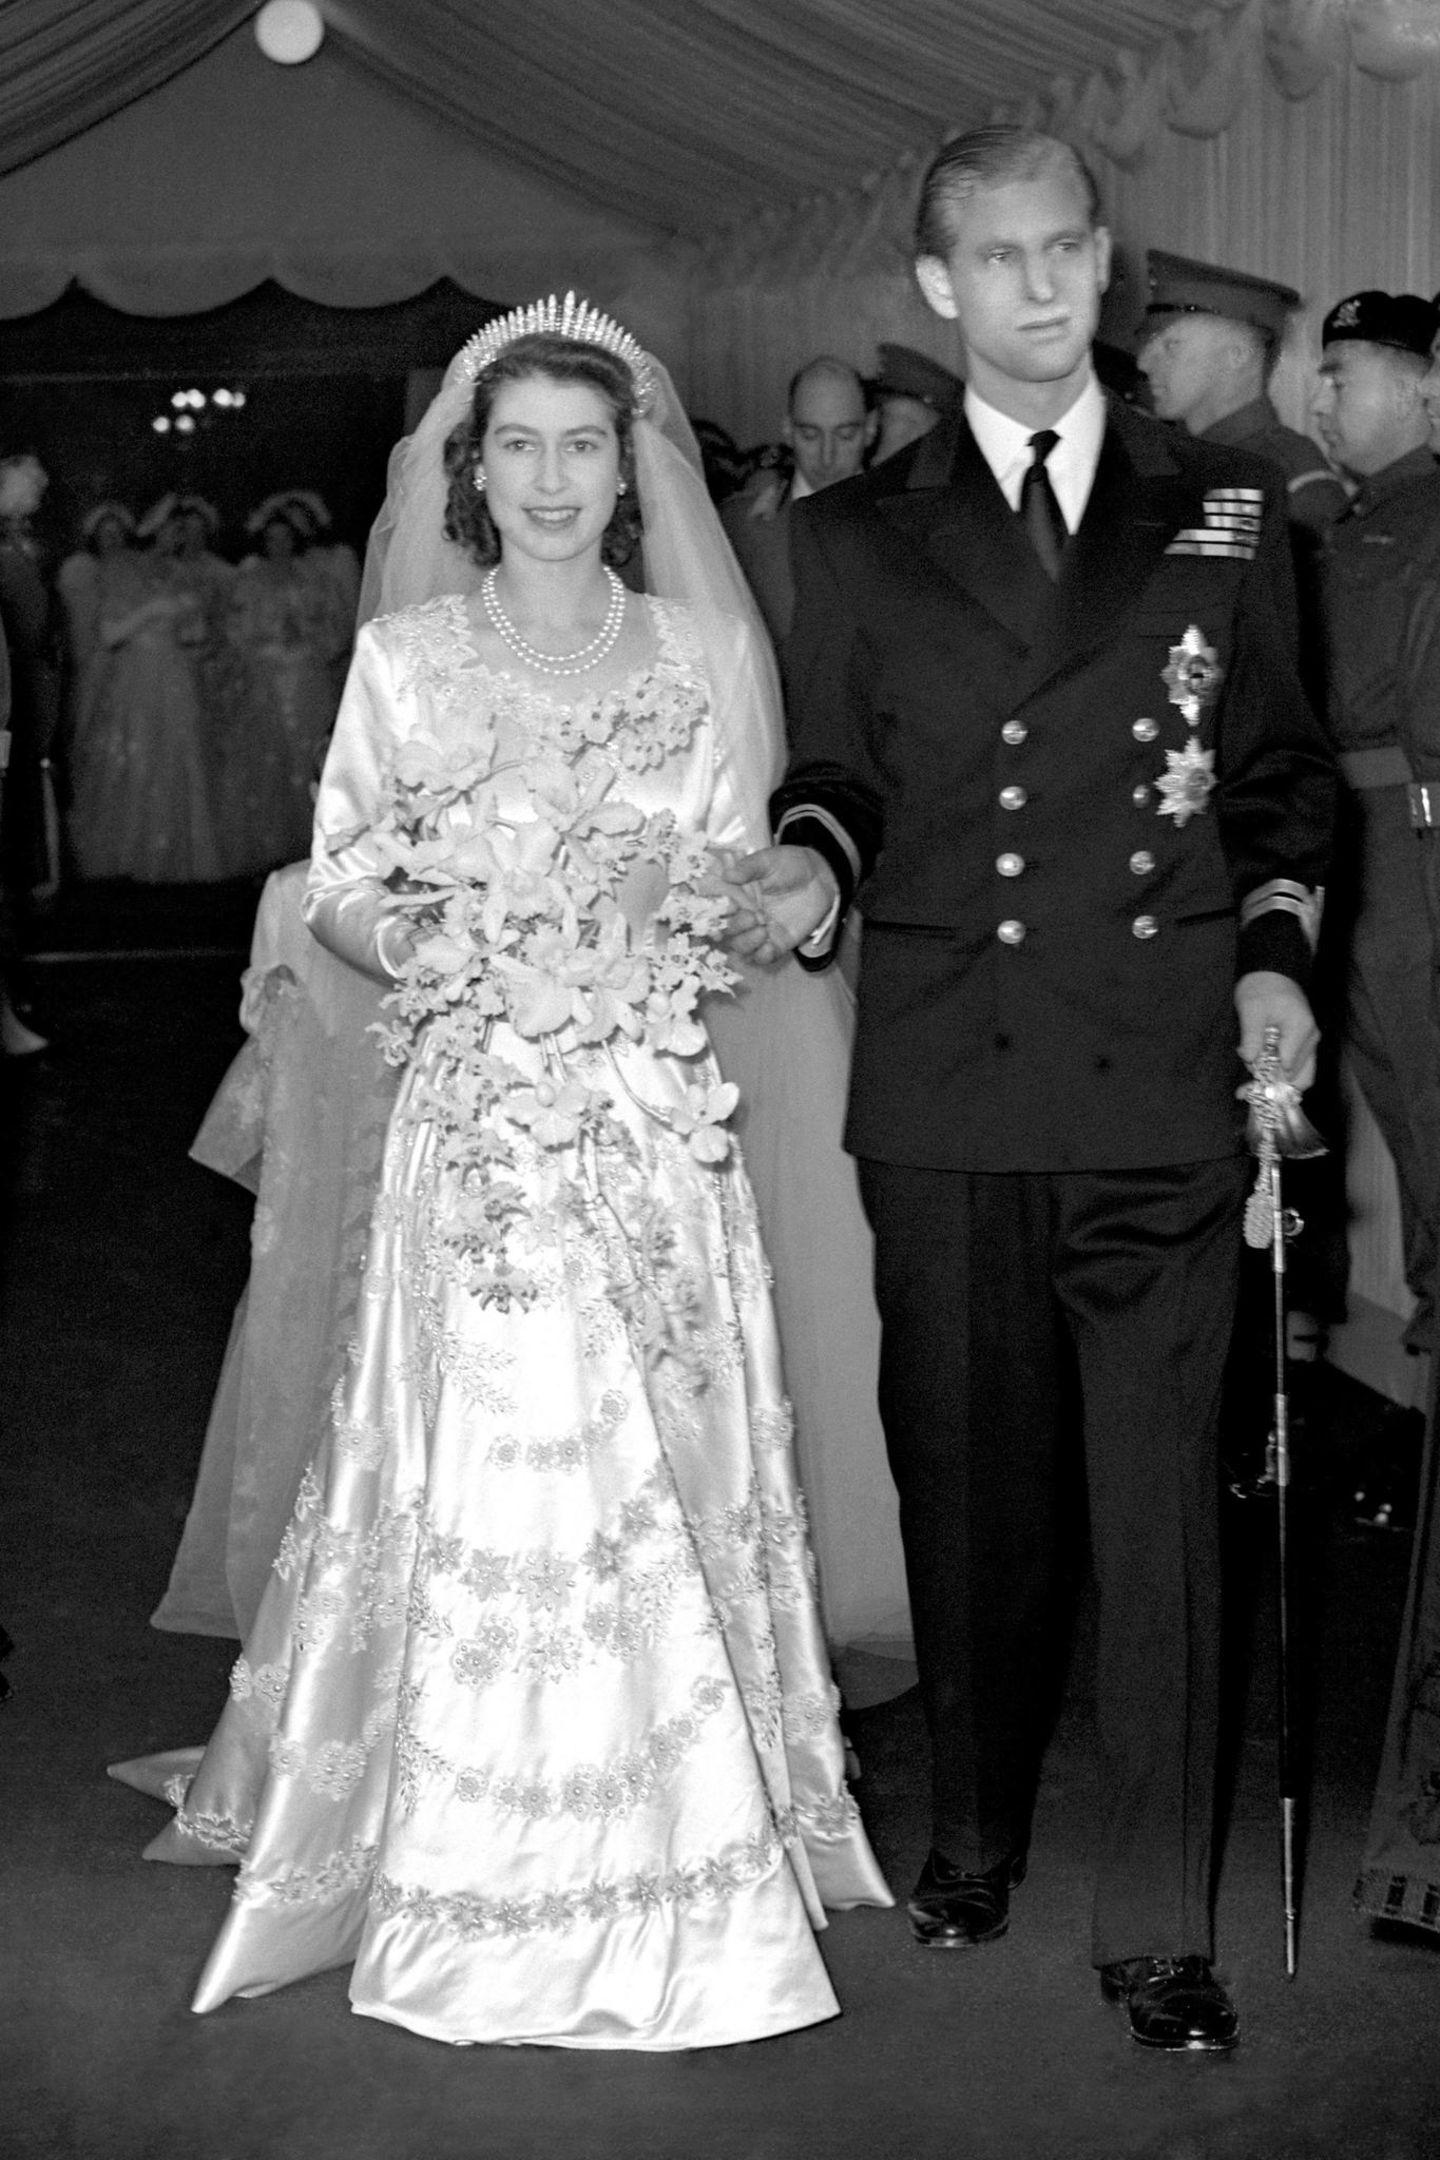 """Denn das gleiche Diadem,welchesaus einer Kettevon Queen Victoria gefertigt wurde und als """"geborgter"""" Beitrag Glück bringen sollte, trug bereits Queen Elizabeth an ihrer Hochzeit 1947."""